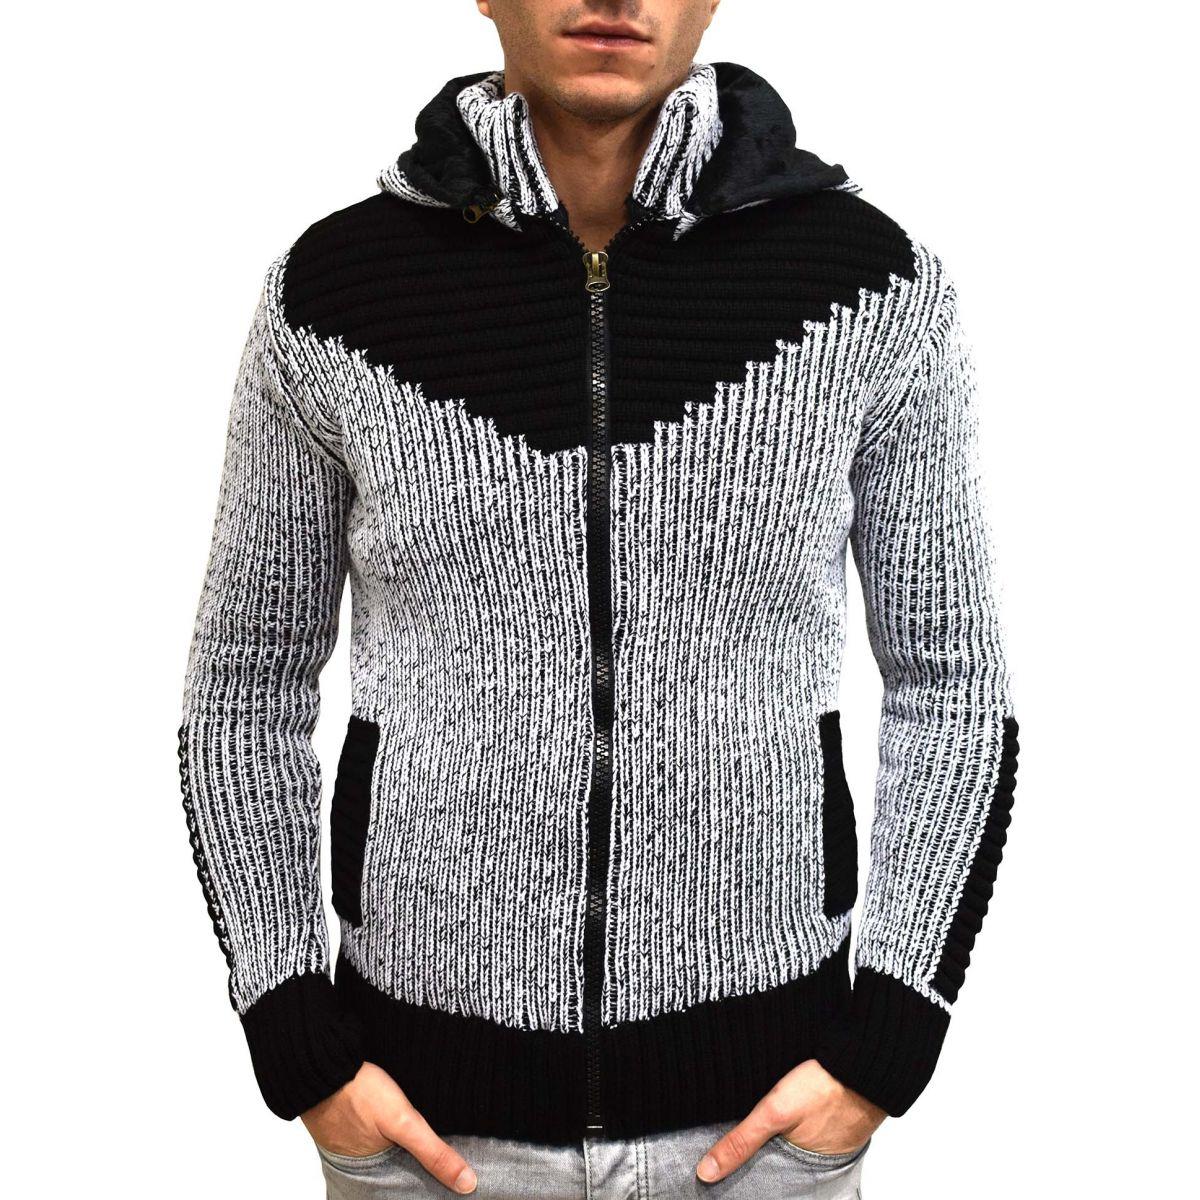 Gilet en laine homme avec capuche 1009 683e68ec7afd